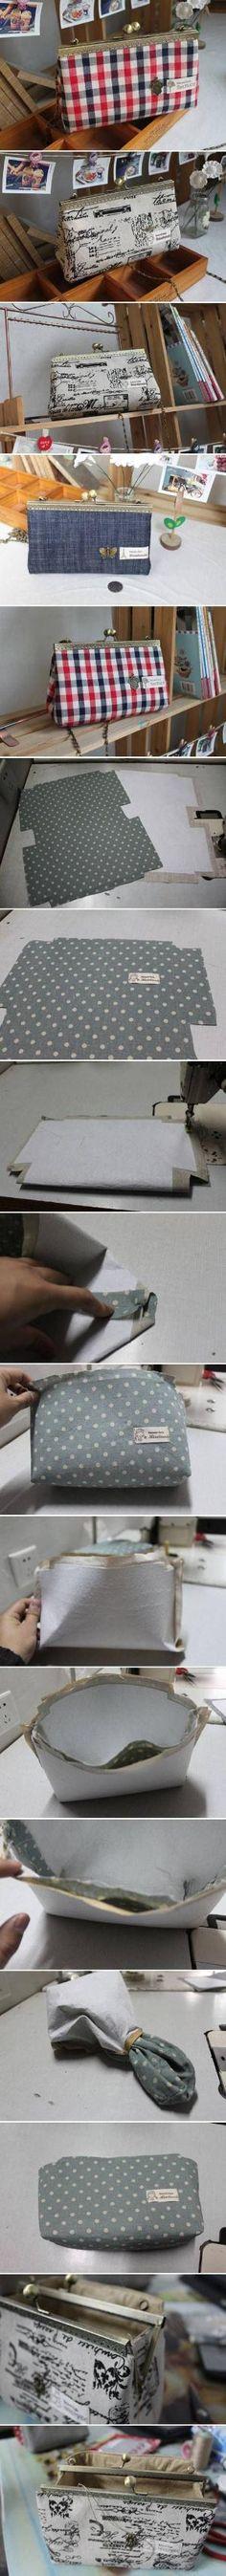 DIY Simple Handbag by Patricia Farlee